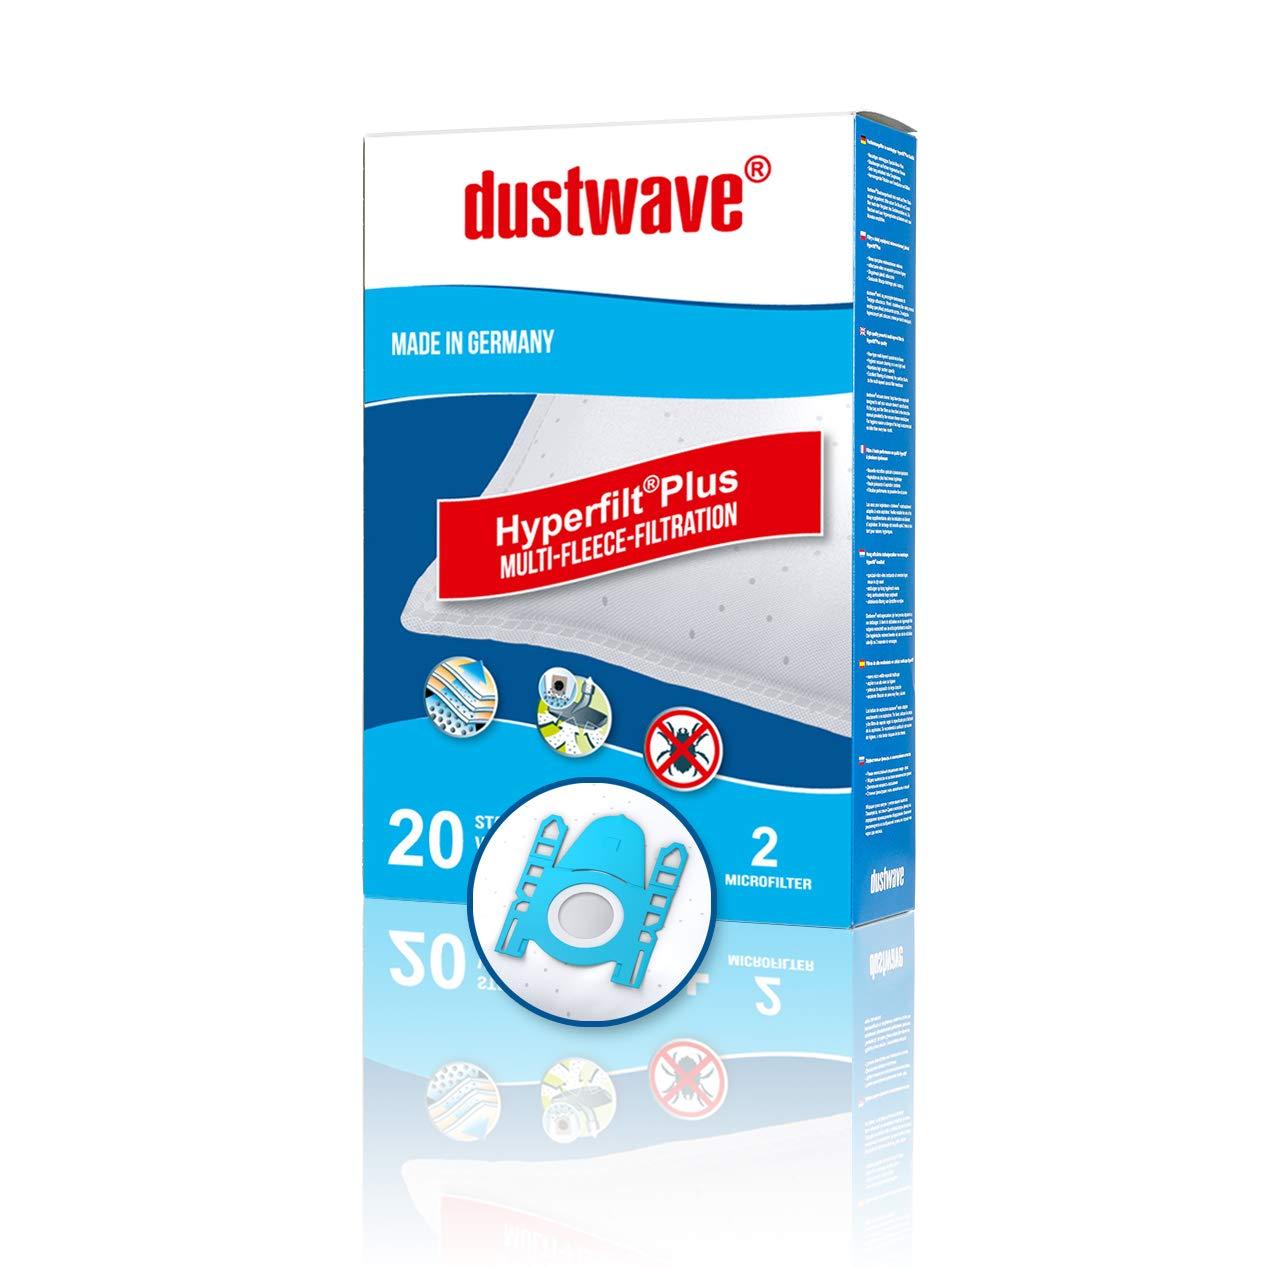 Original Swirl S67 oder dustwave D81 Staubfilterbeutel für Bosch Staubsauger